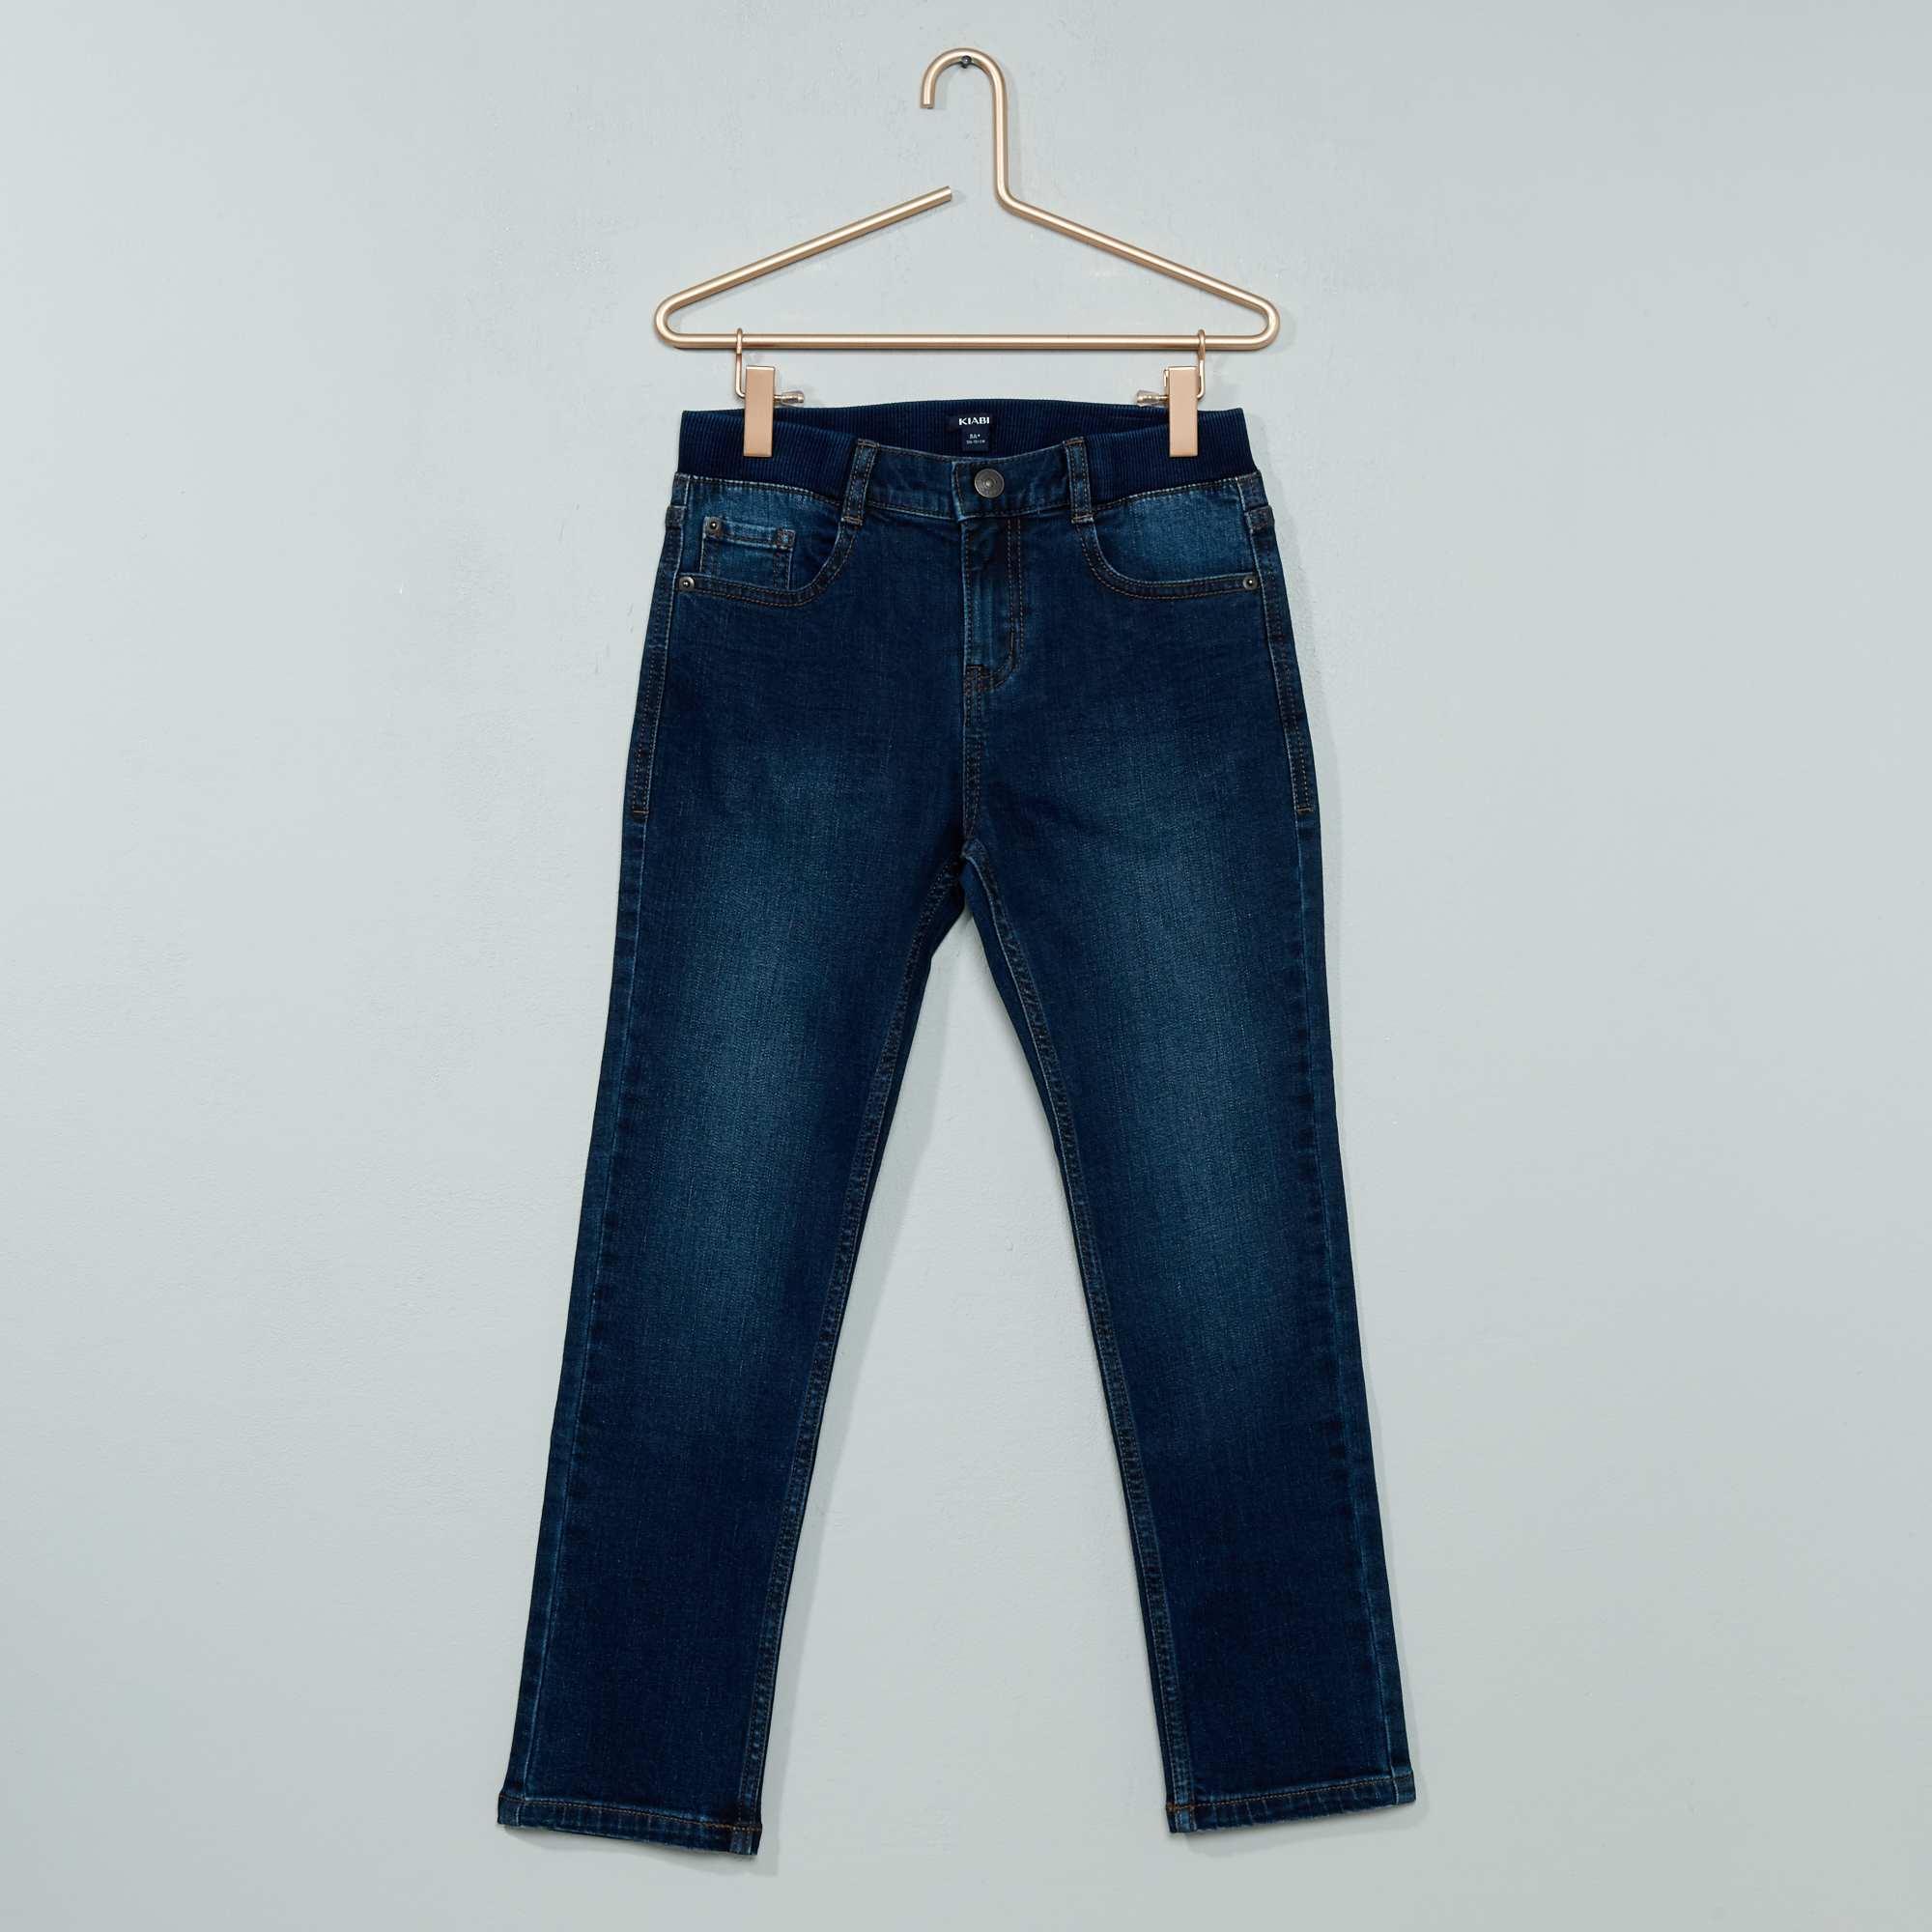 Couleur : brut, bleu stone, ,, - Taille : 10+A, 8+A, 12+A,,La taille élastiquée de ce jean s'adapte parfaitement à sa silhouette ! - Jean slim